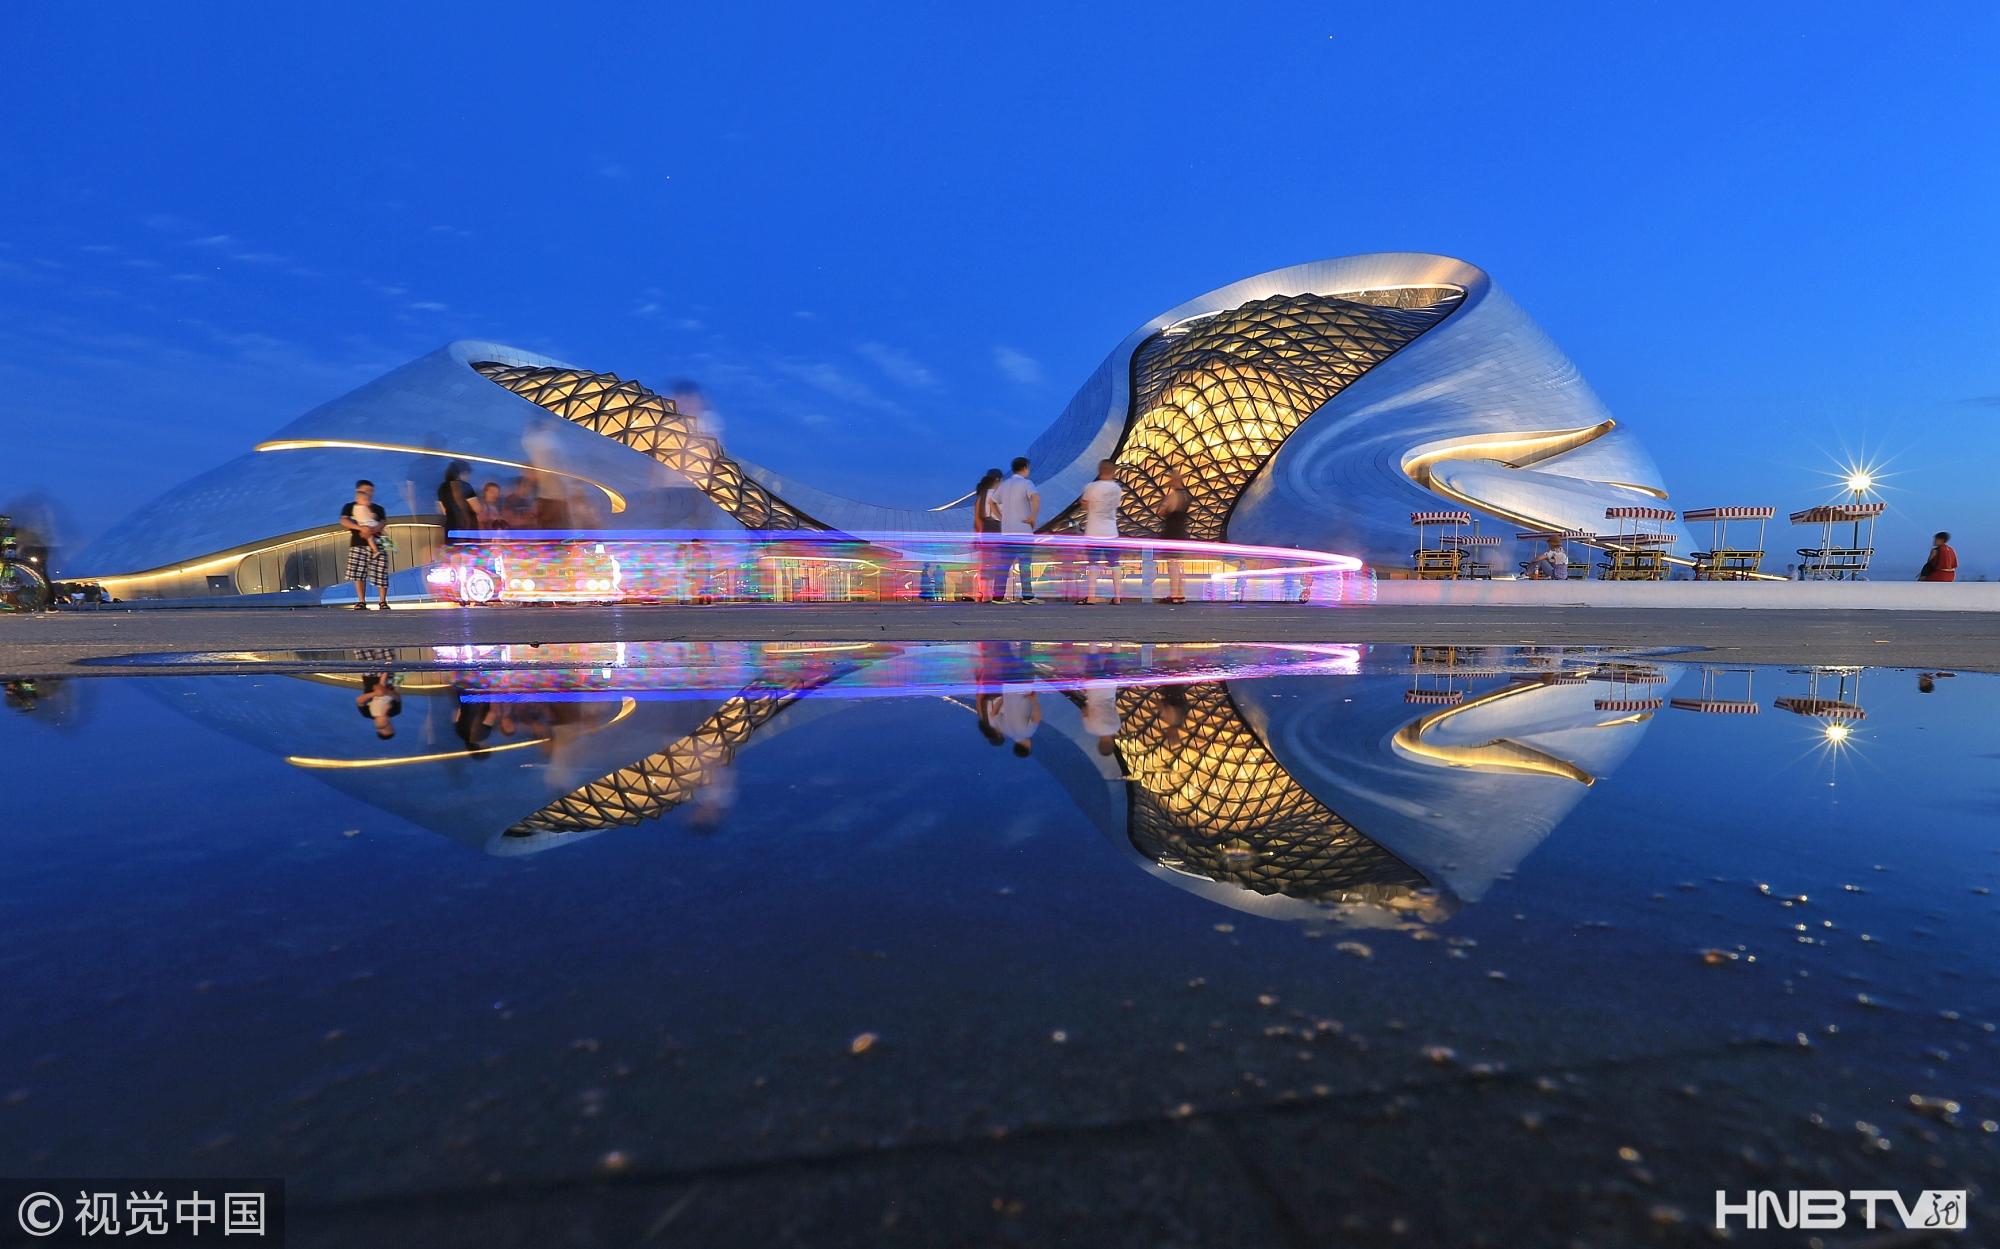 哈尔滨大剧院夏日景色秀美 成游人打卡地(组图)